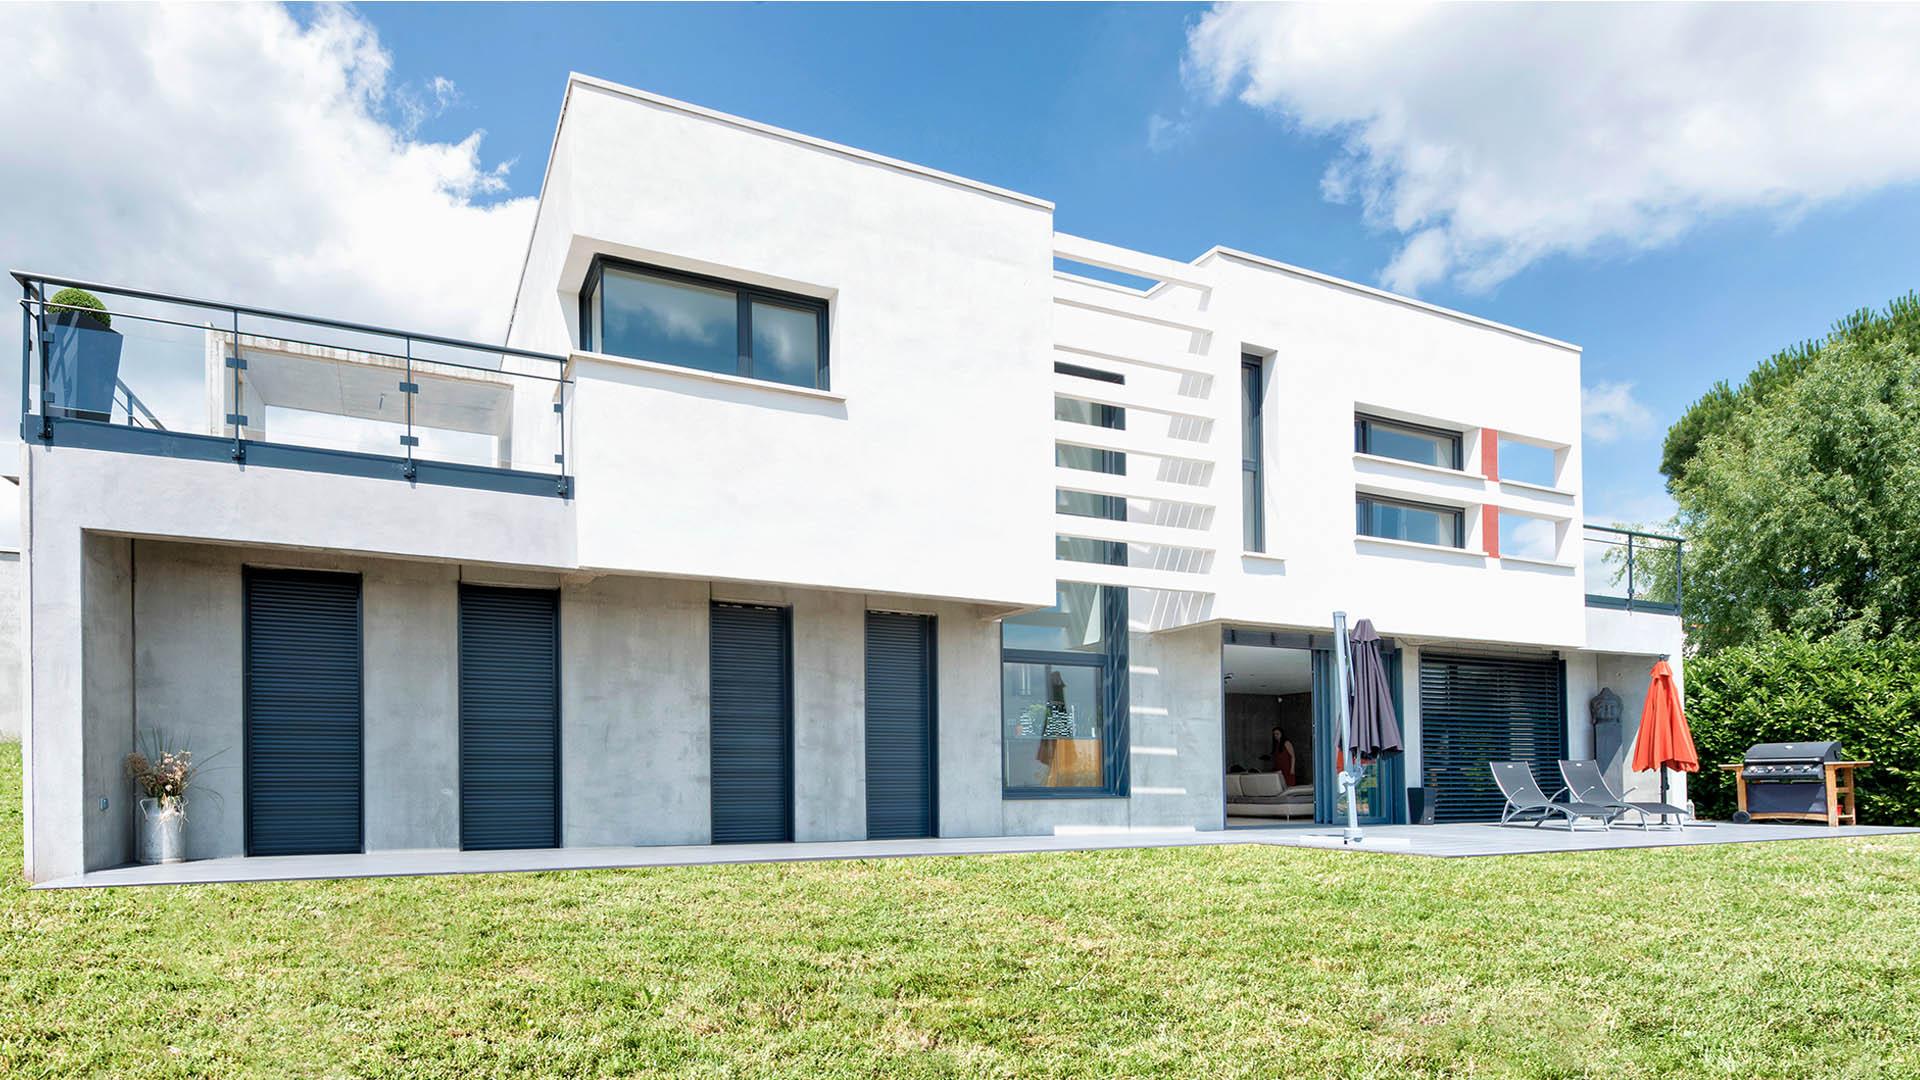 07-Seuil-Architecture-maison-castelnau-crédit-Ph.-Stéphane-Brugidou